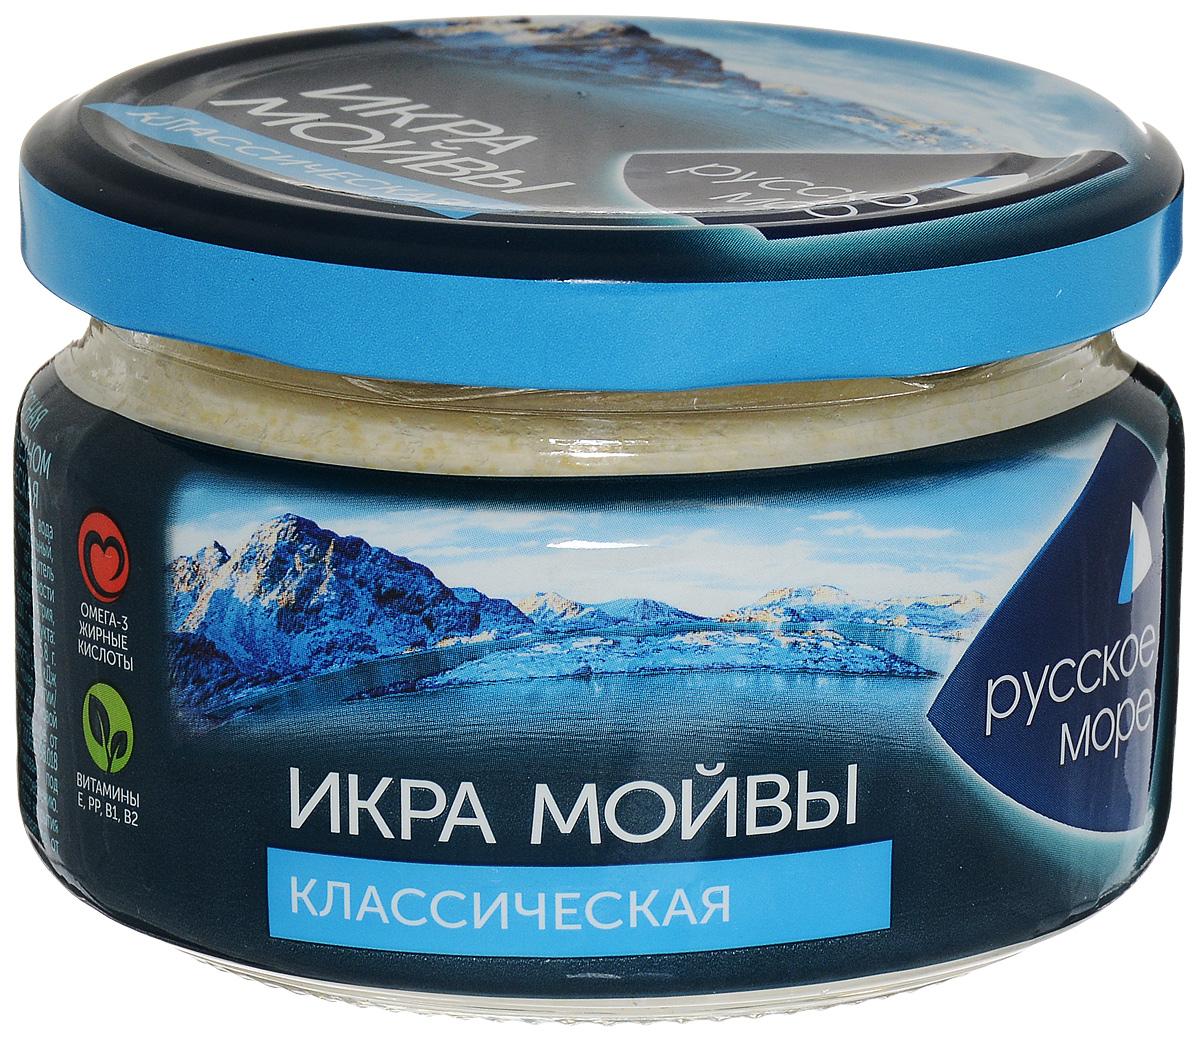 Русское Море Икра Мойвы в майонезном соусе, классическая, 165 г русское море икра зернистая лососевая 430 г